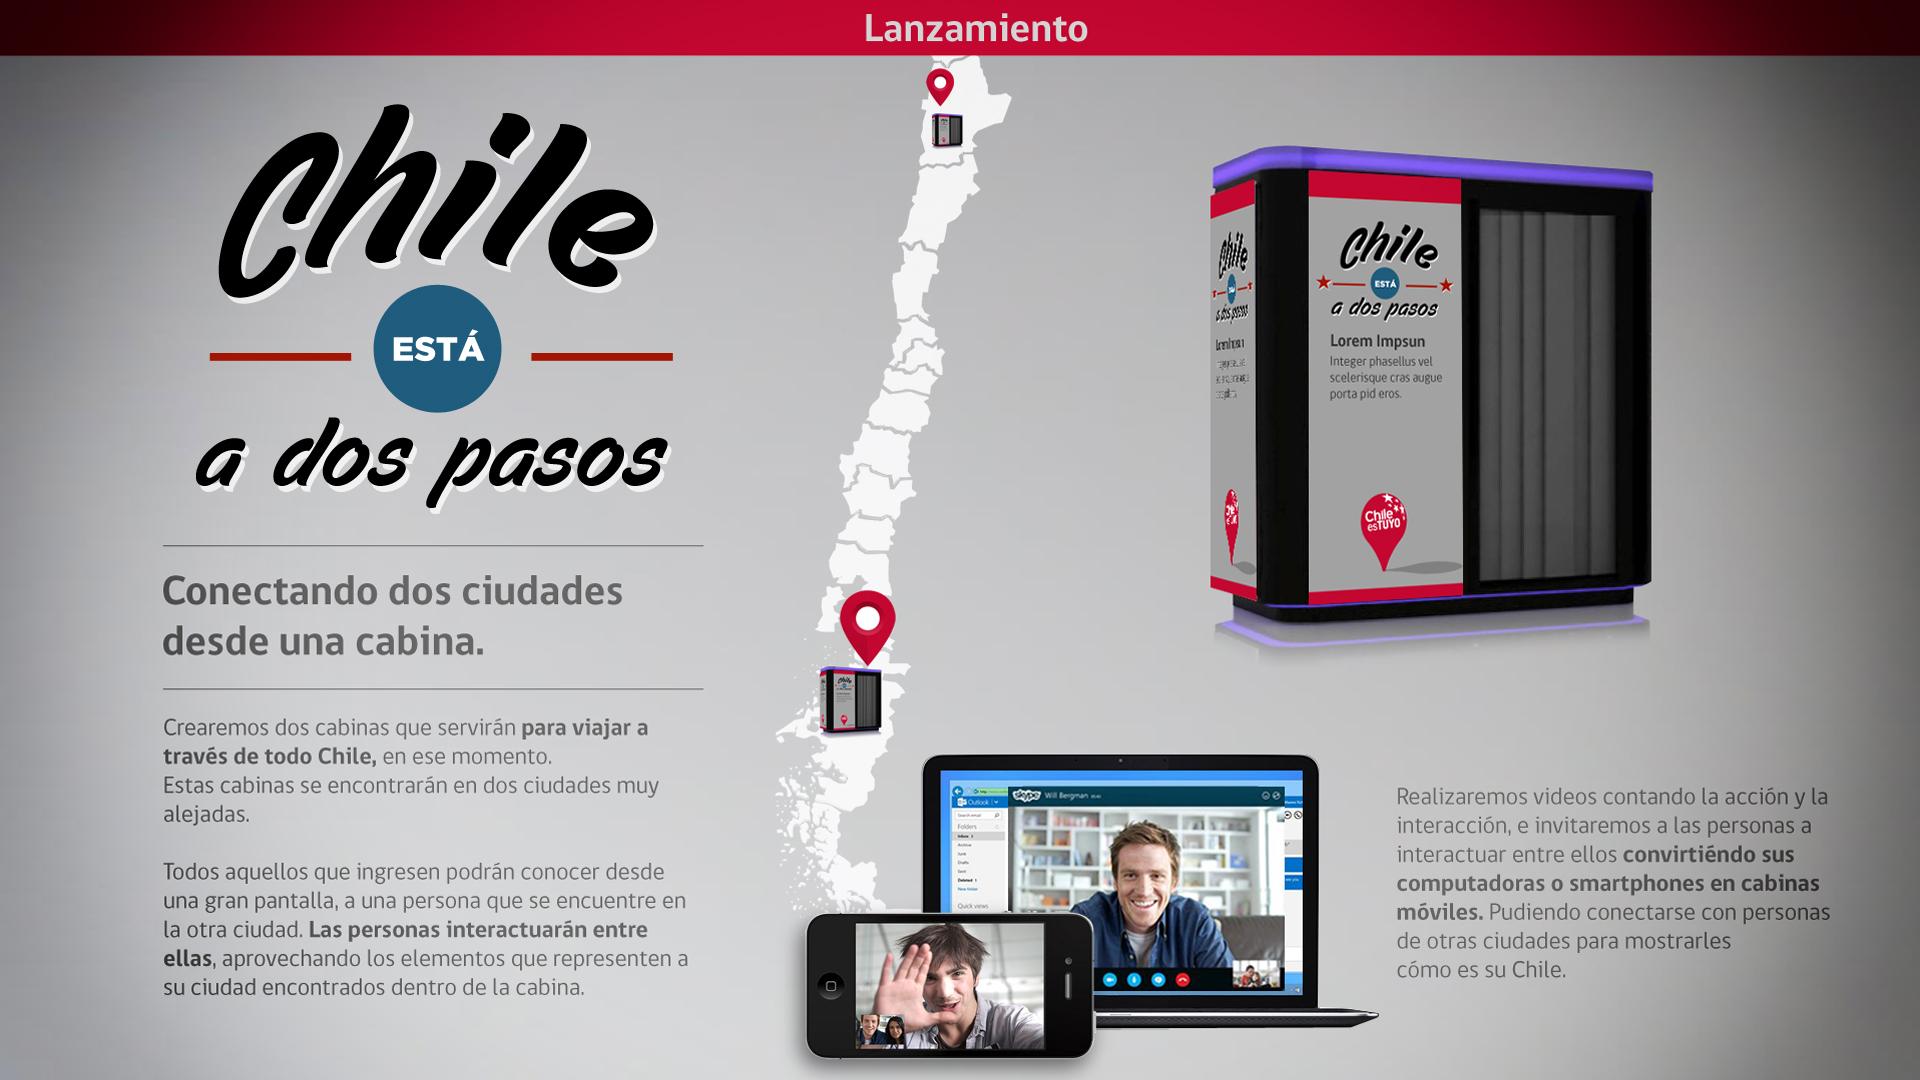 Slide_1_Lanzamiento